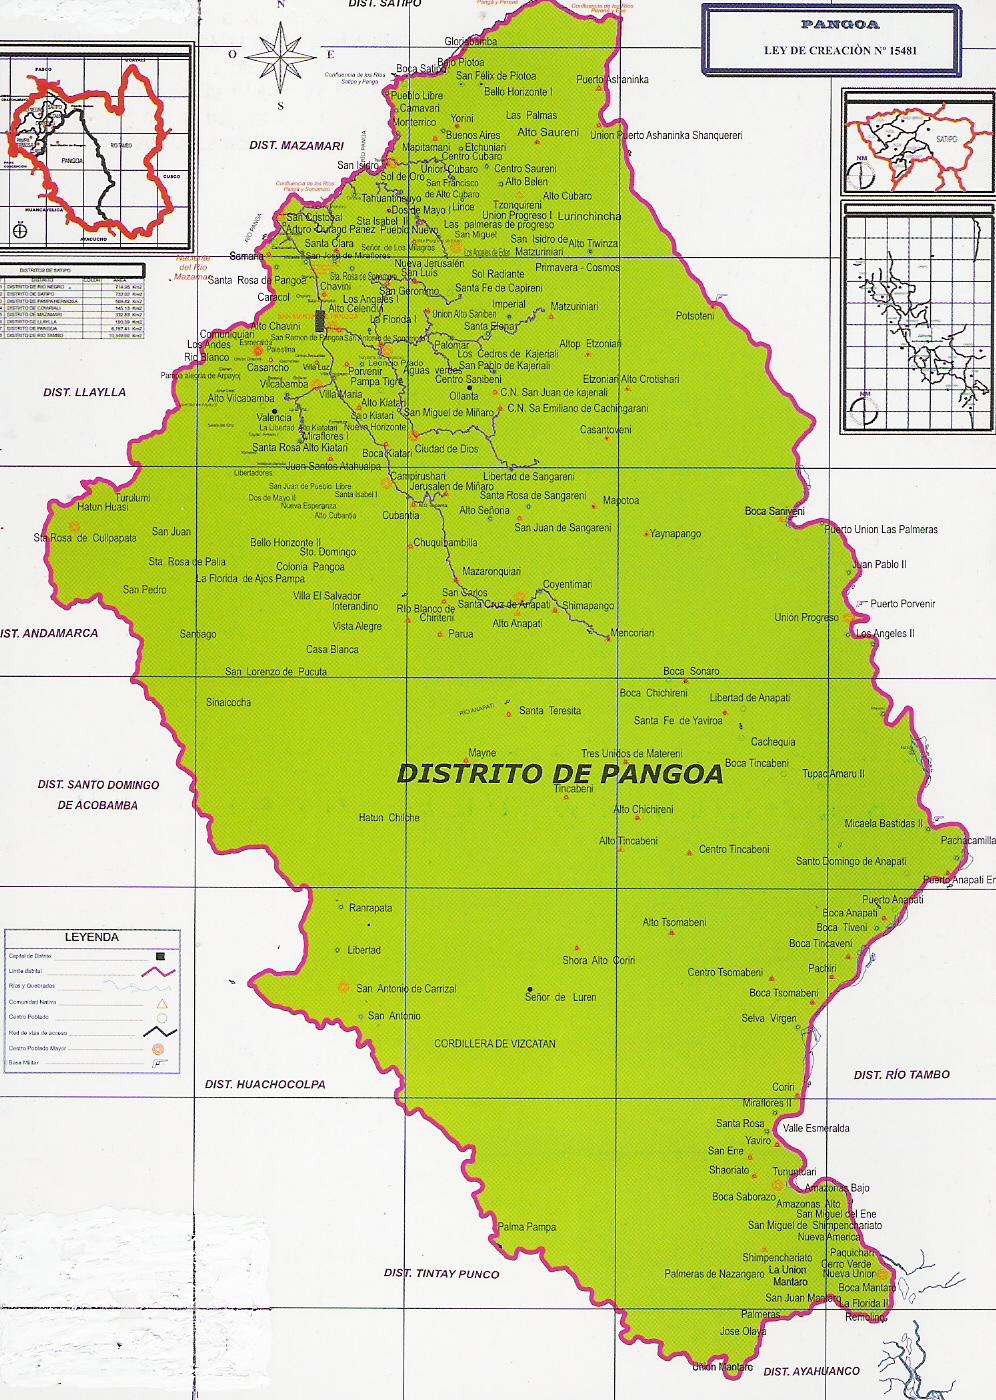 [mapa+pangoa.jpg]